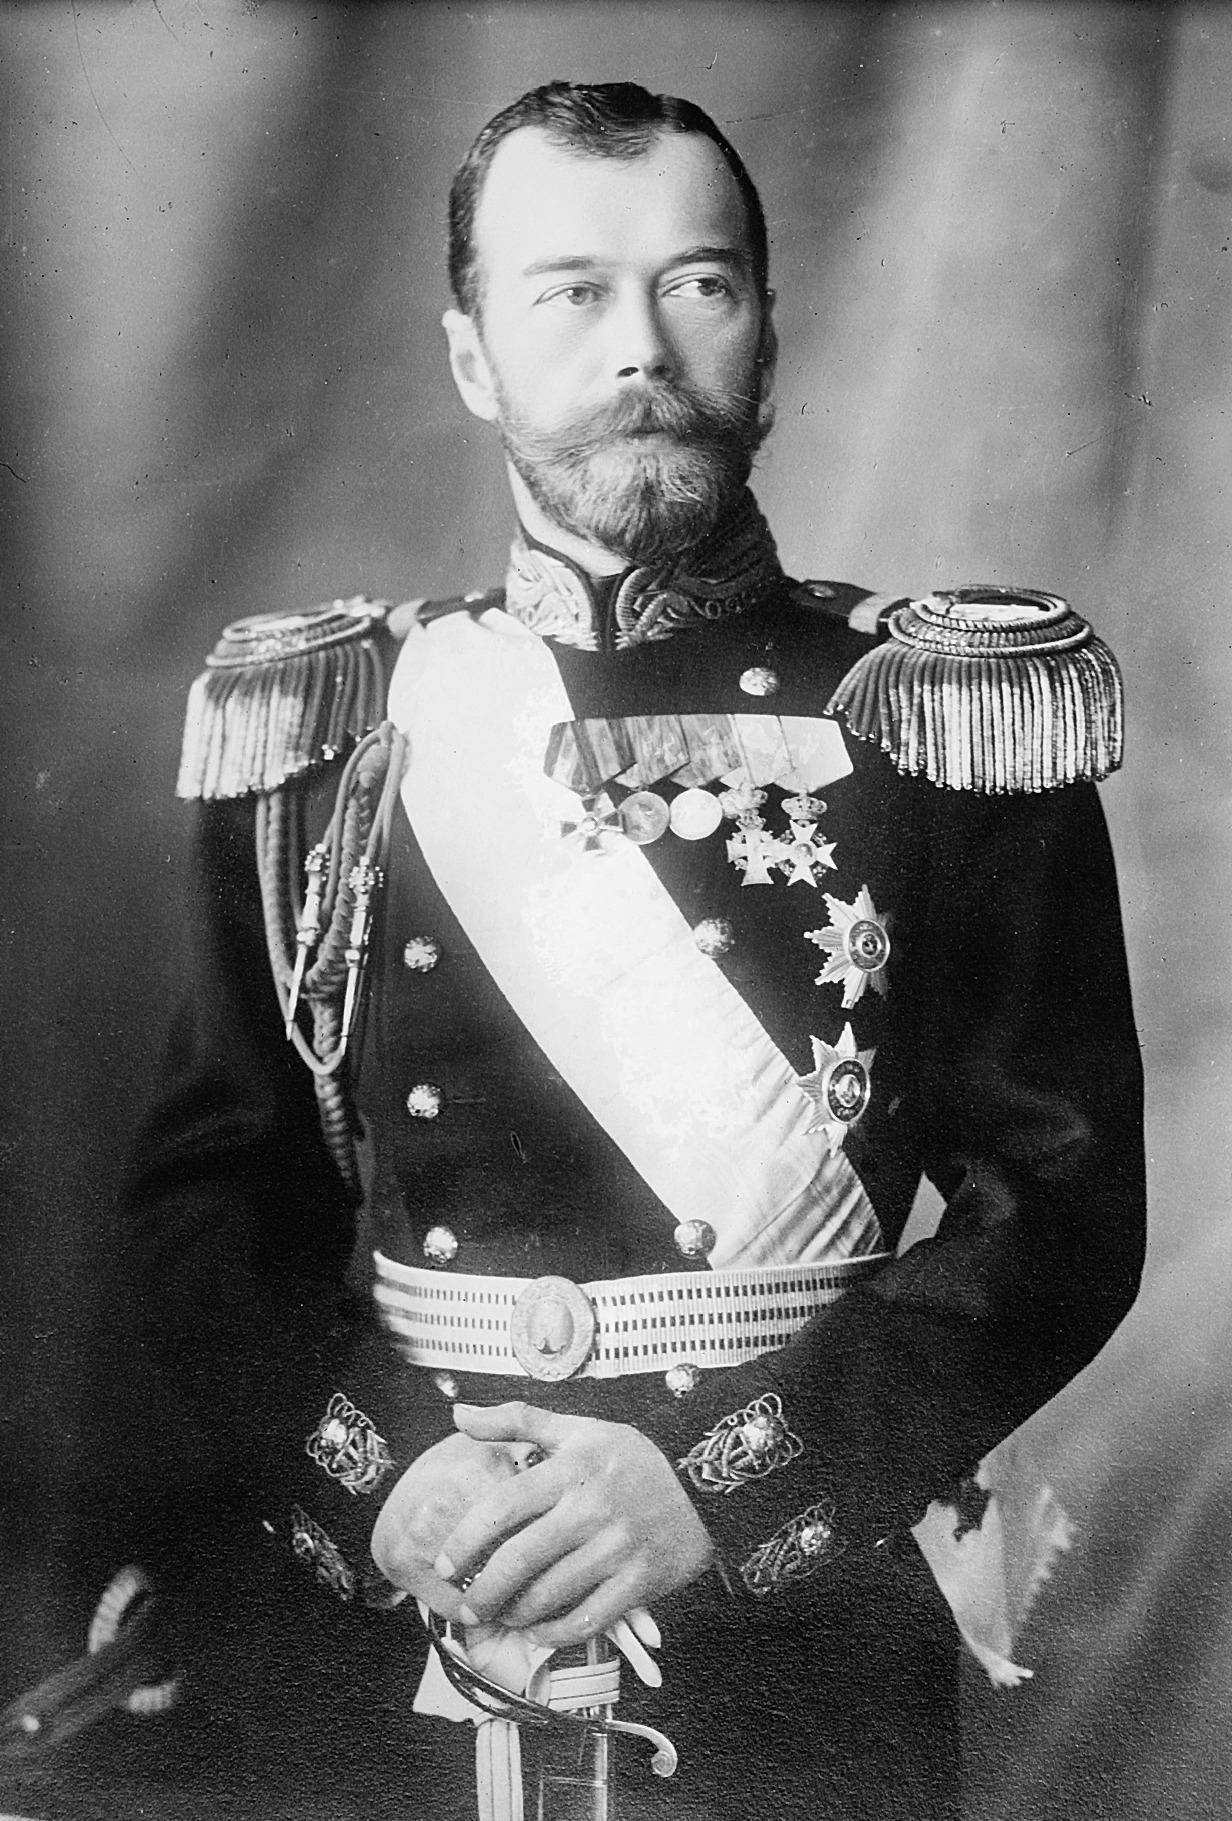 Expertii au dovada ca osemintele din Ekaterinburg apartin Romanovilor